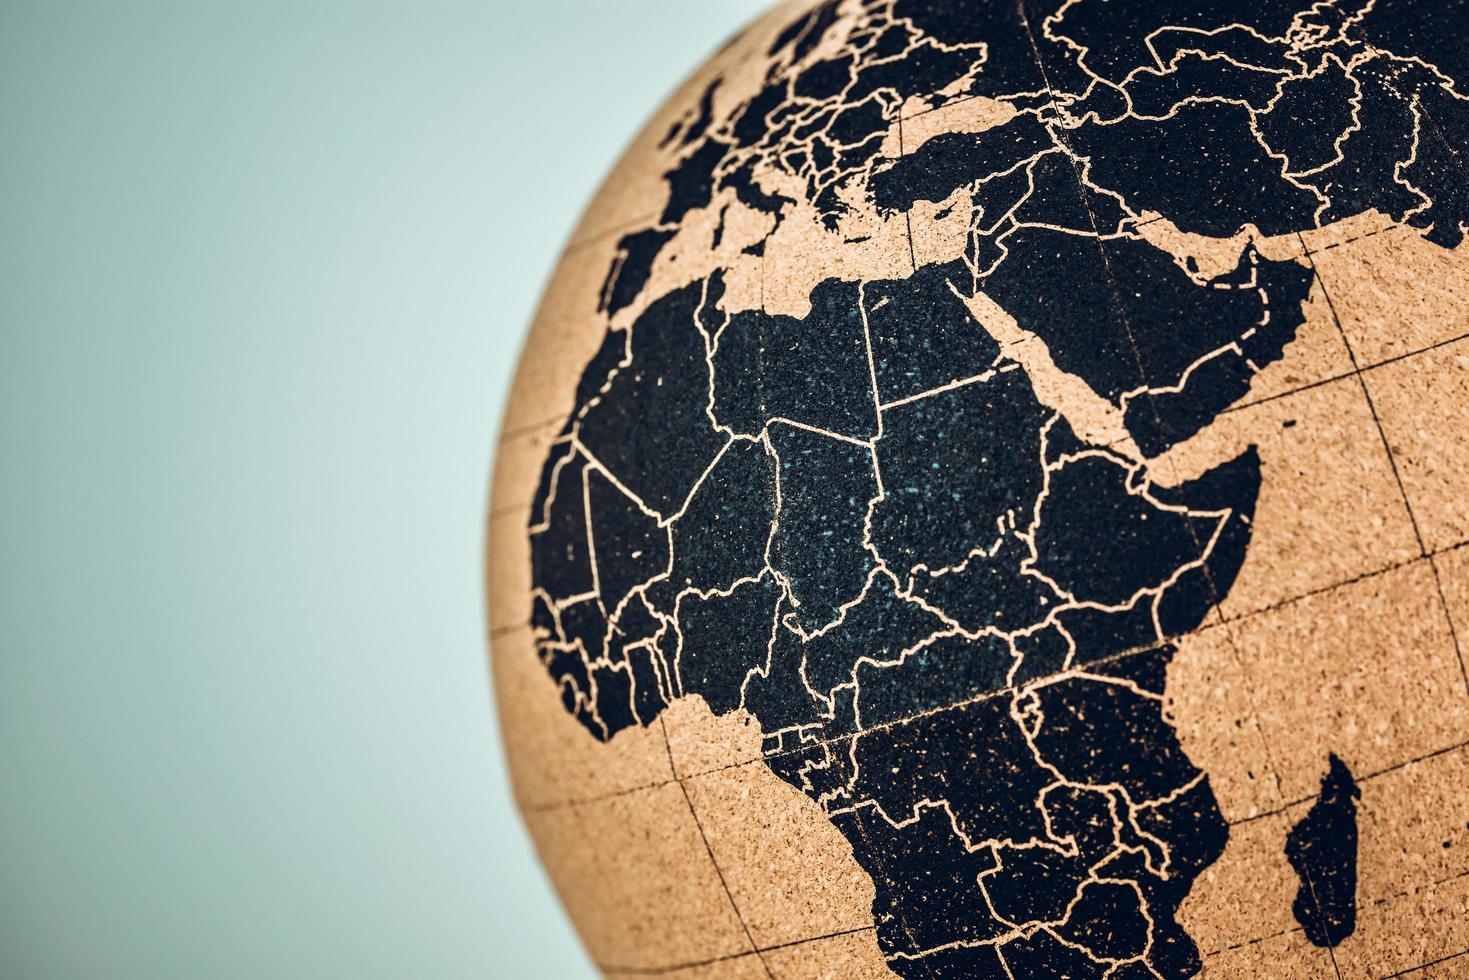 Afrika und Mitte auf einem Globus foto